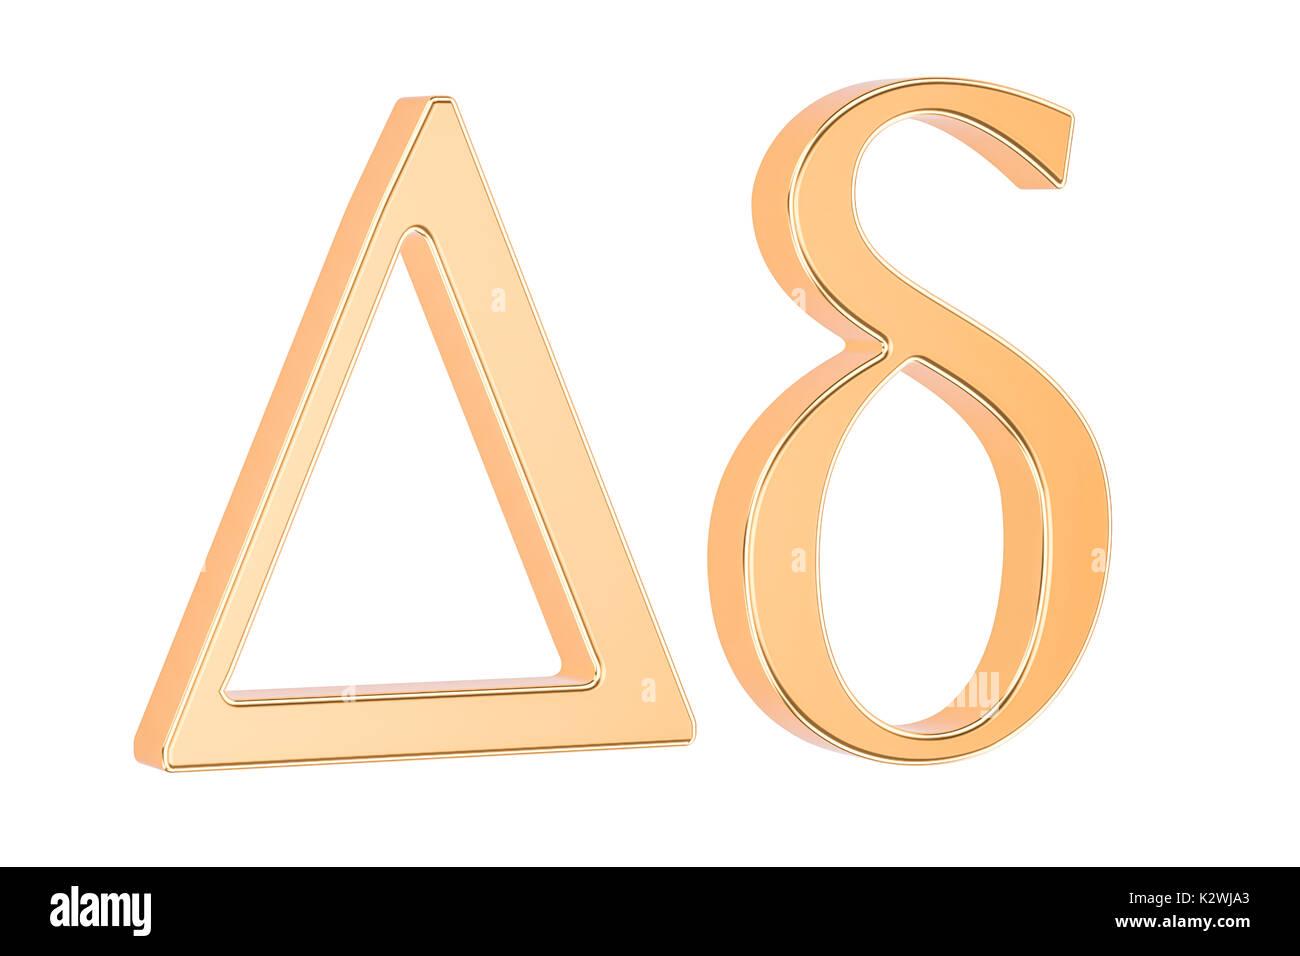 Golden Greek letter Delta, 3D rendering isolated on white